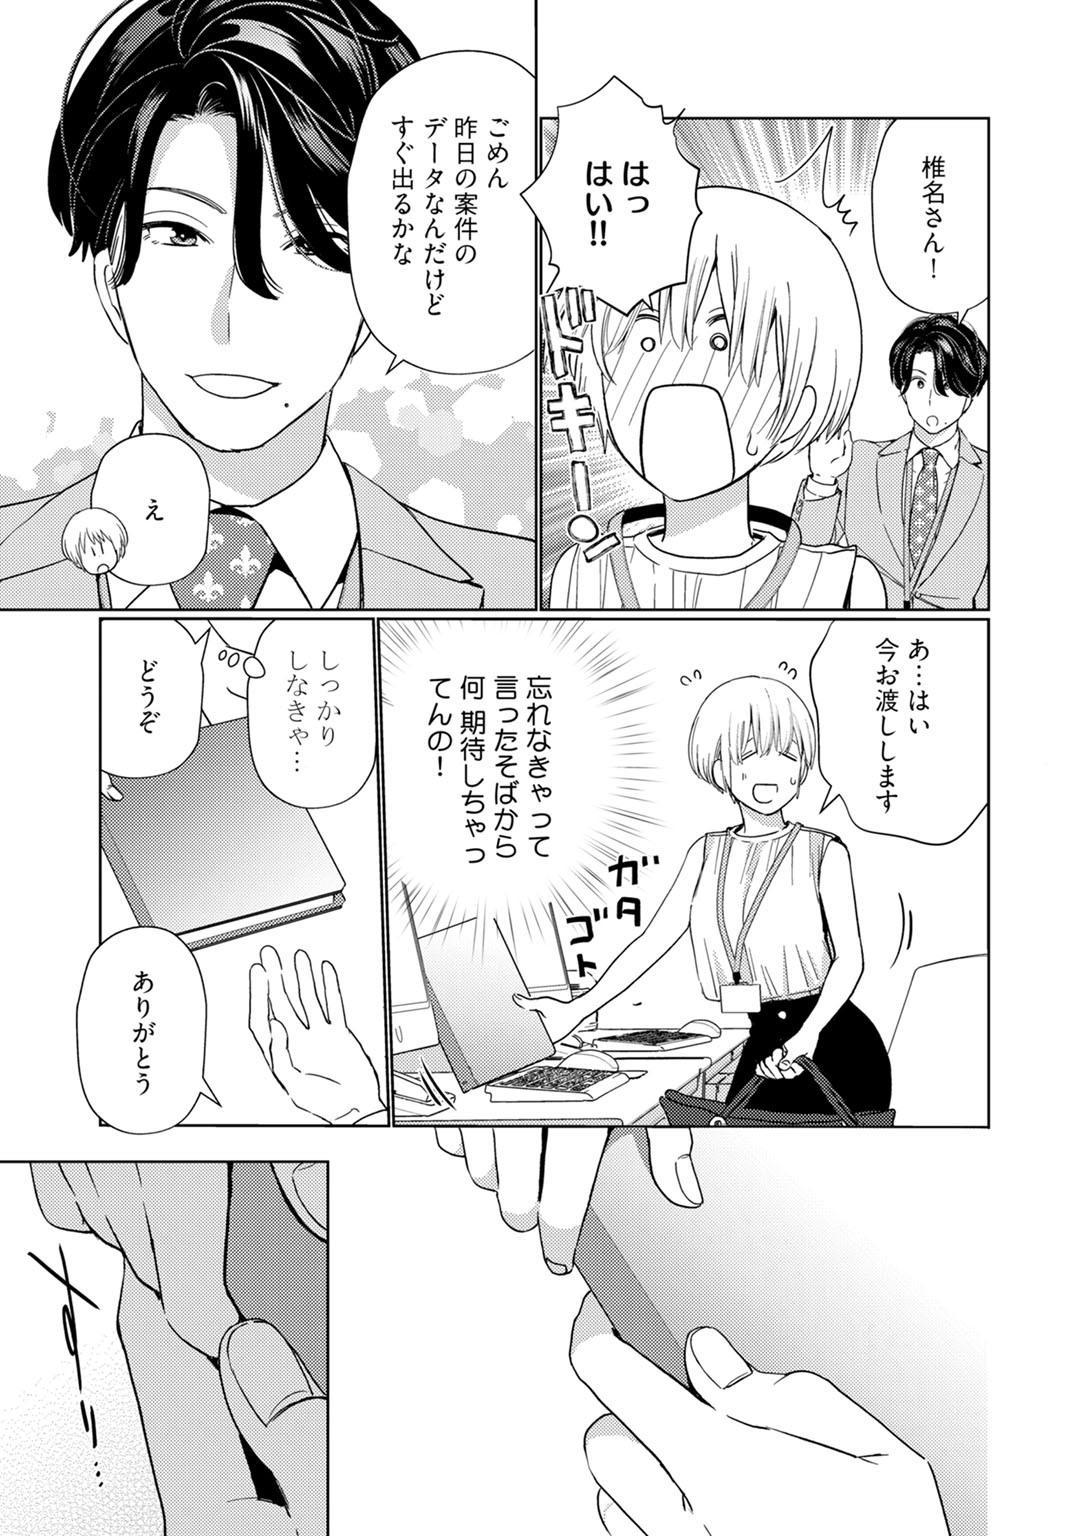 [Okonogi Happa] Kyonyuu-chan to Kyokon Joushi -Kaisha de Musabori Sex- act. 2 8